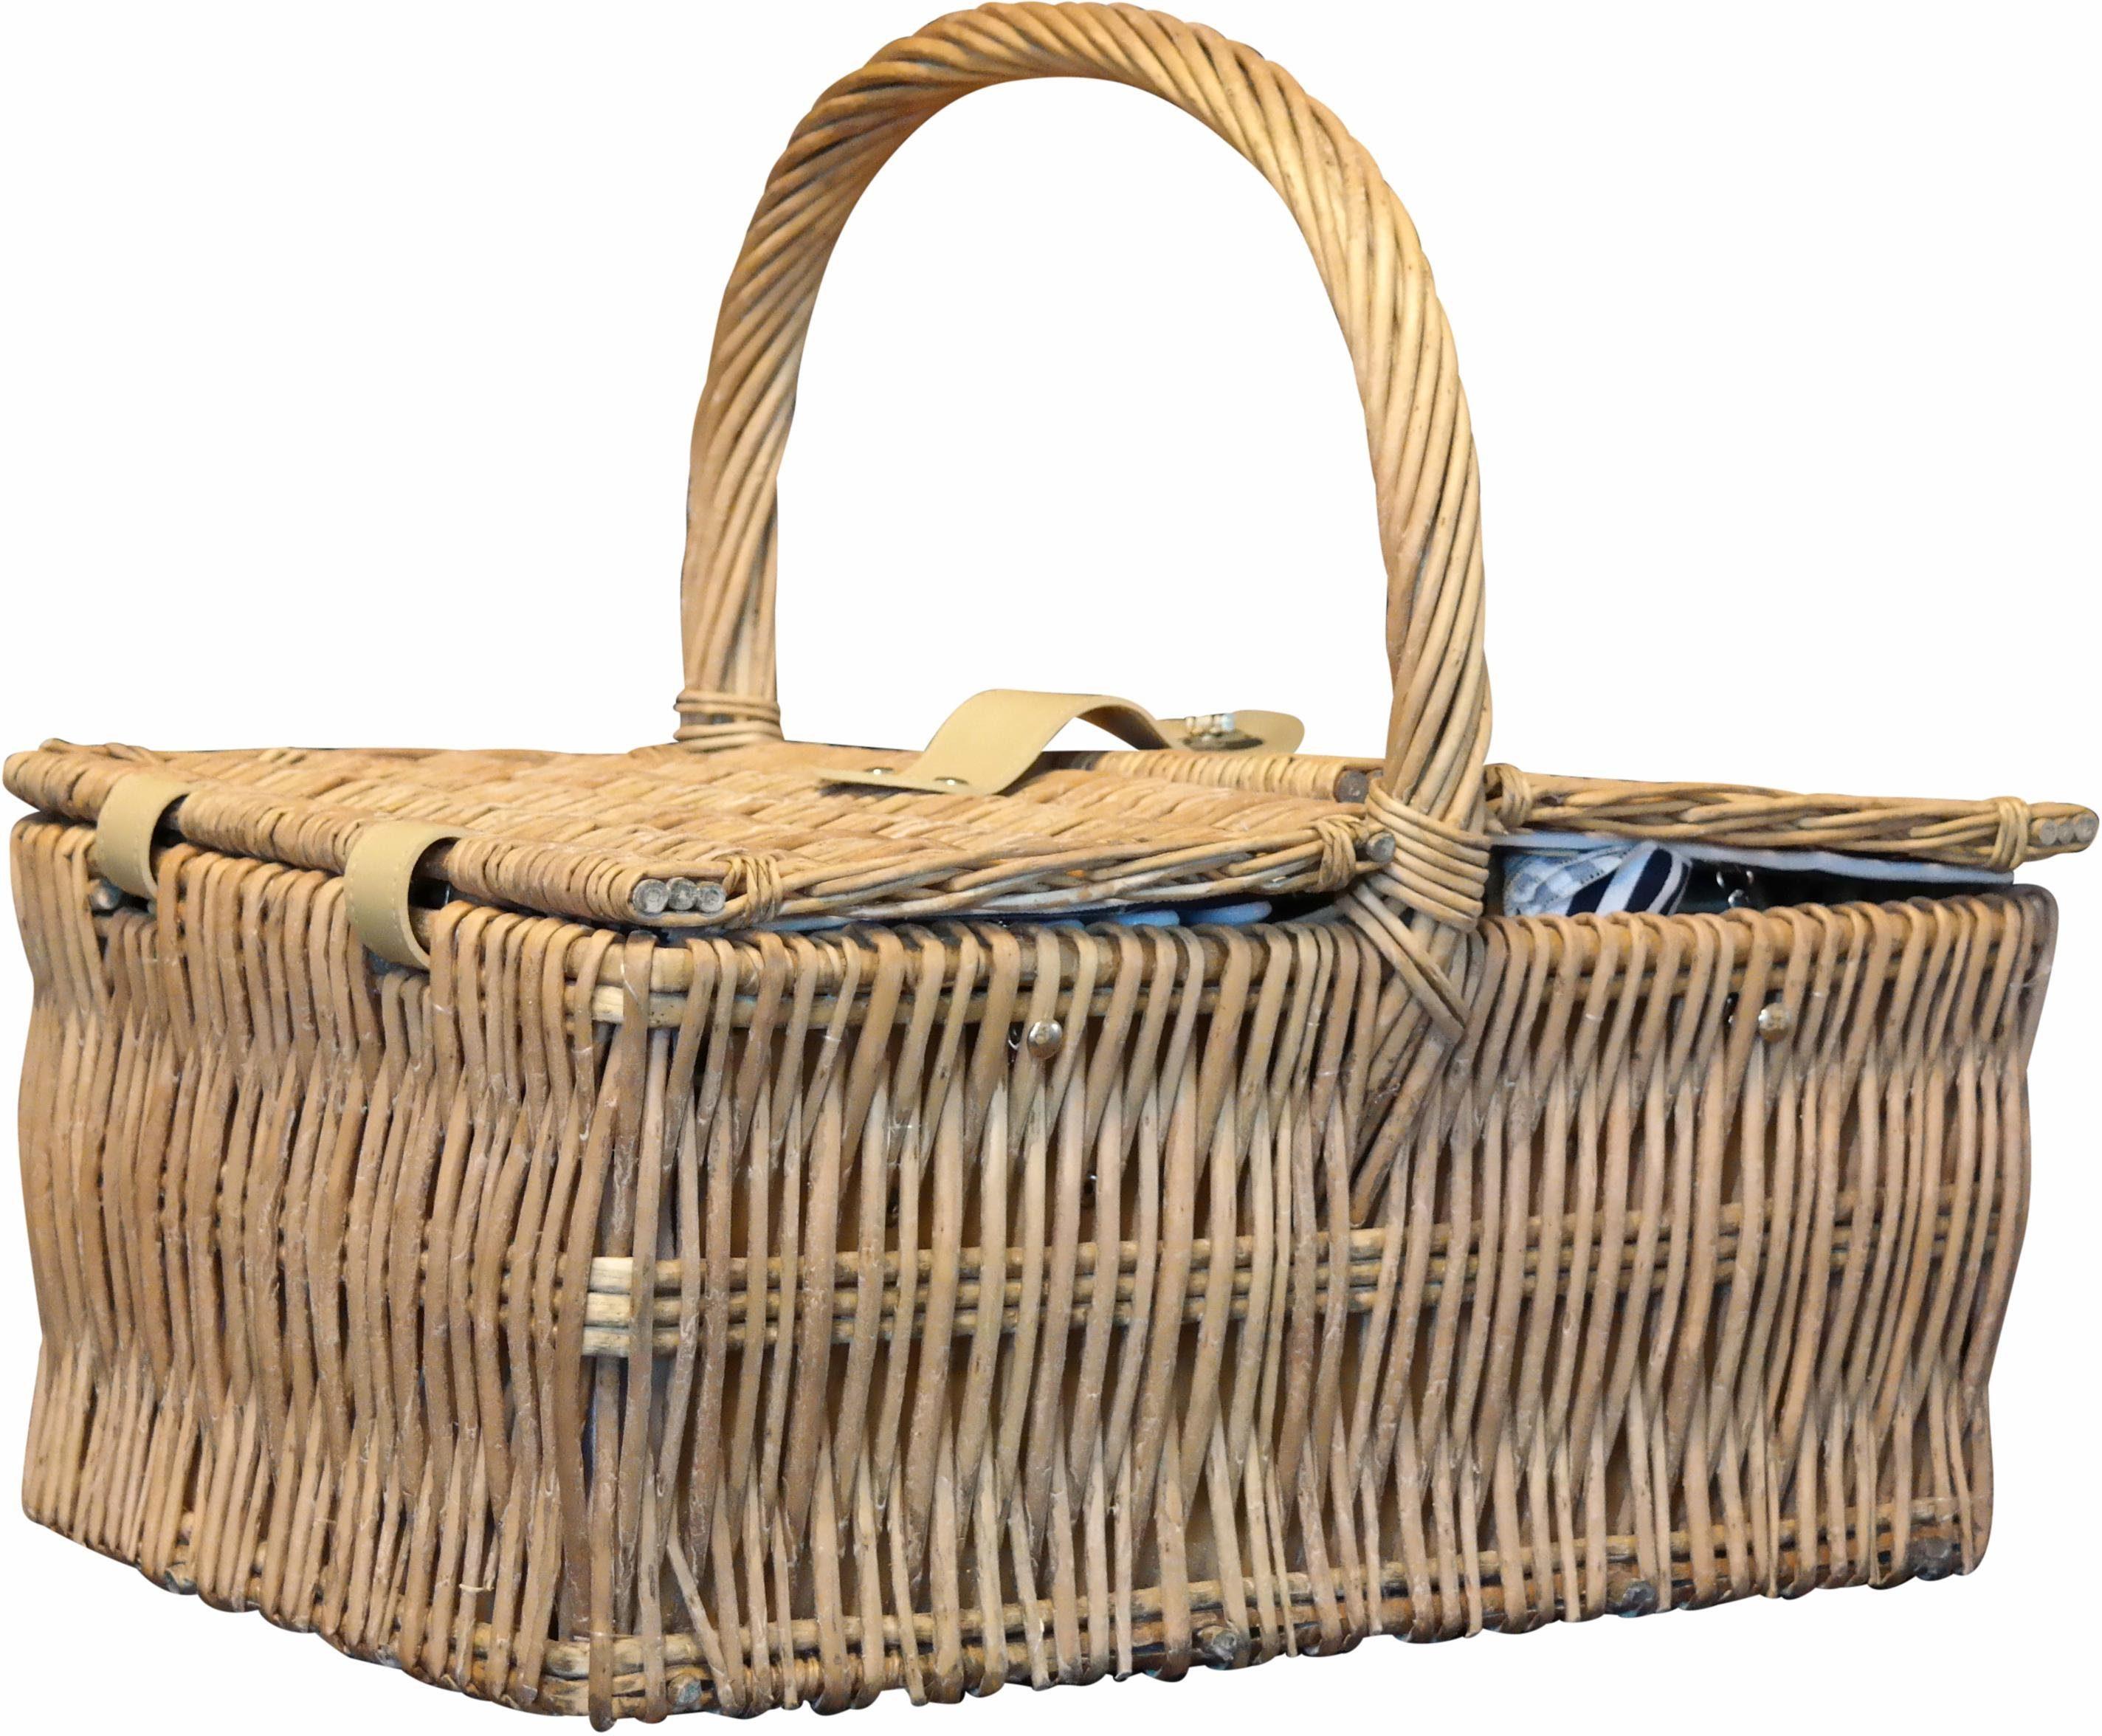 Home affaire Picknickkorb für 4 Personen